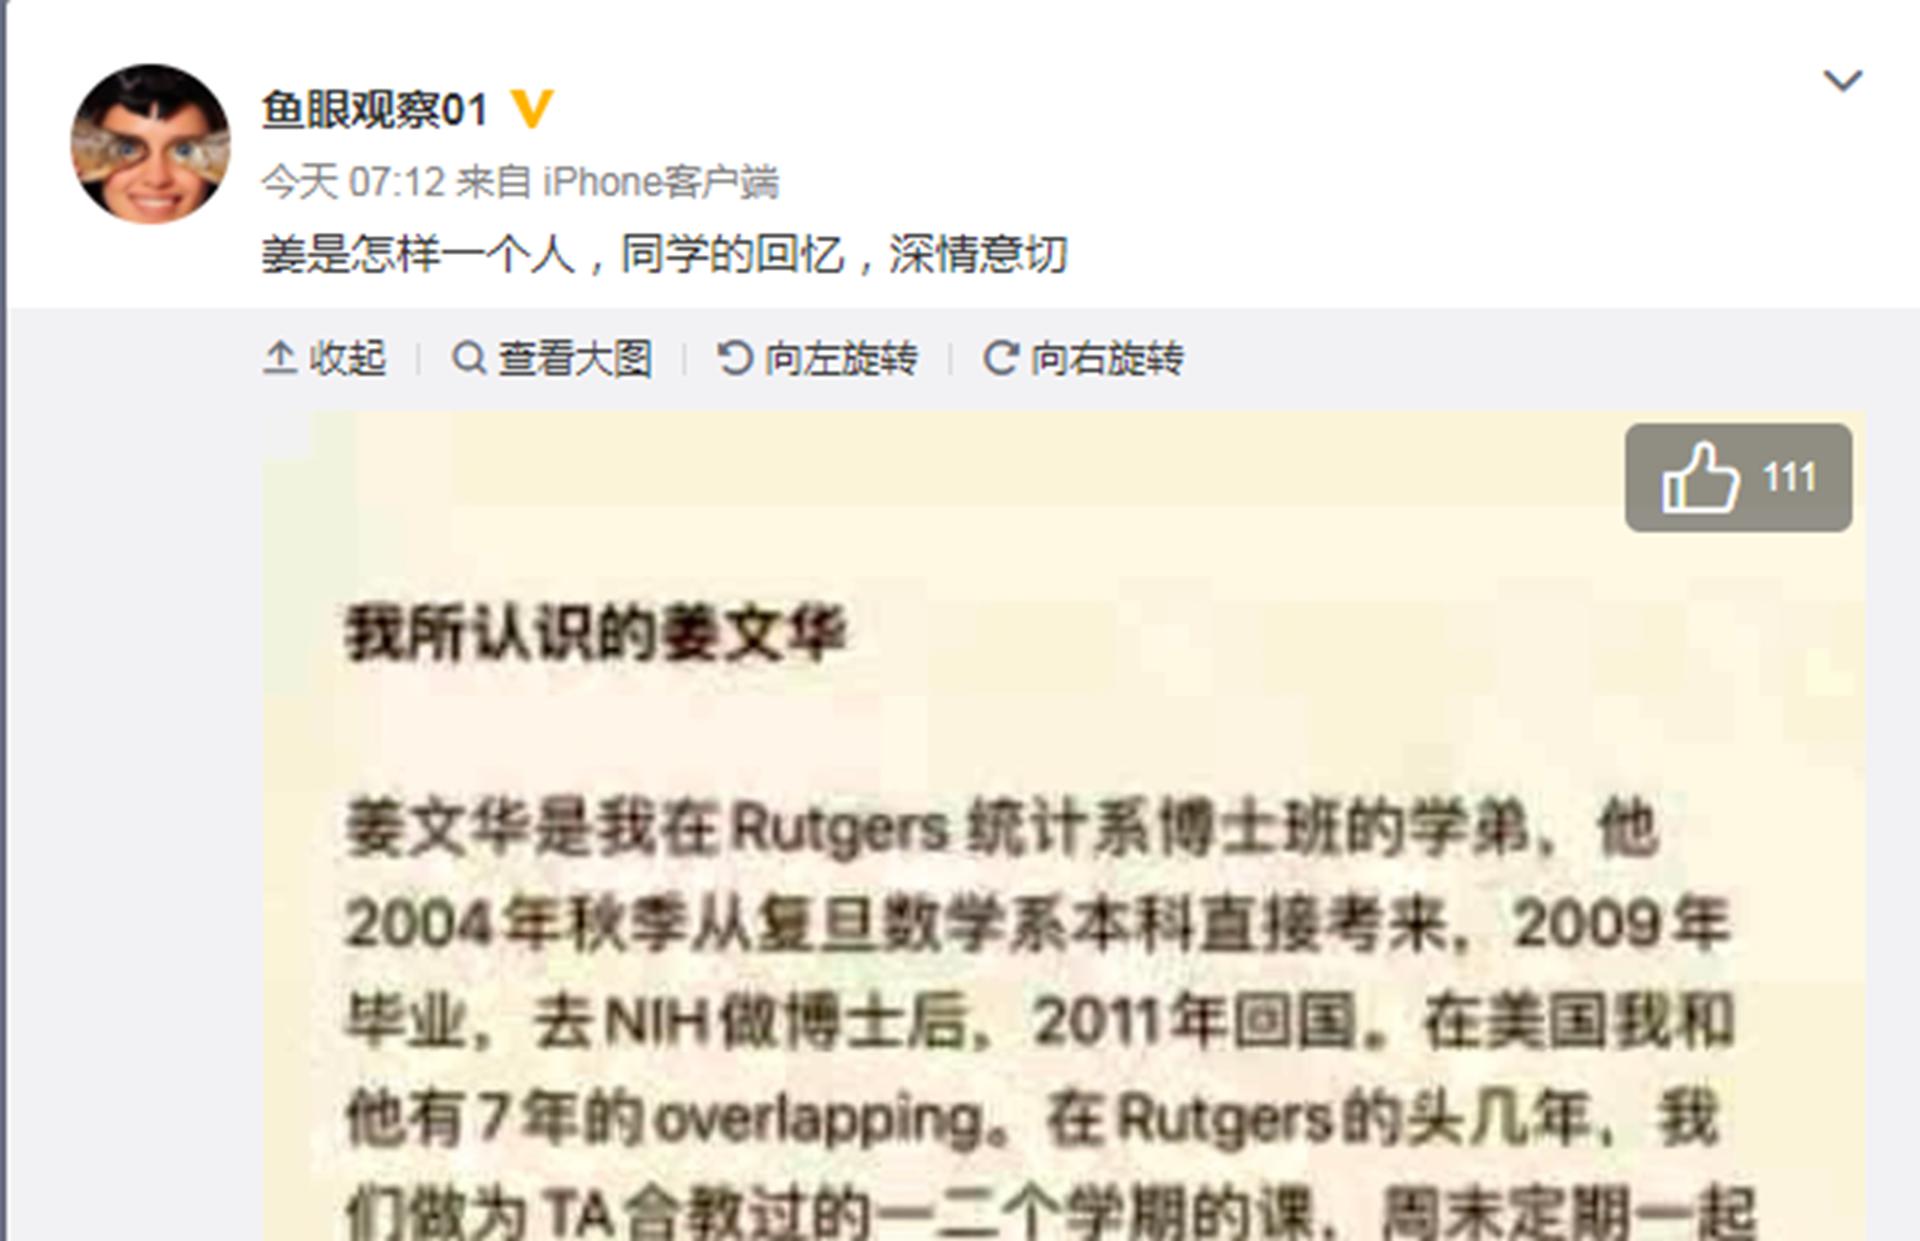 复旦割喉事件 姜文华被判死缓 可减少海归回国忧虑?